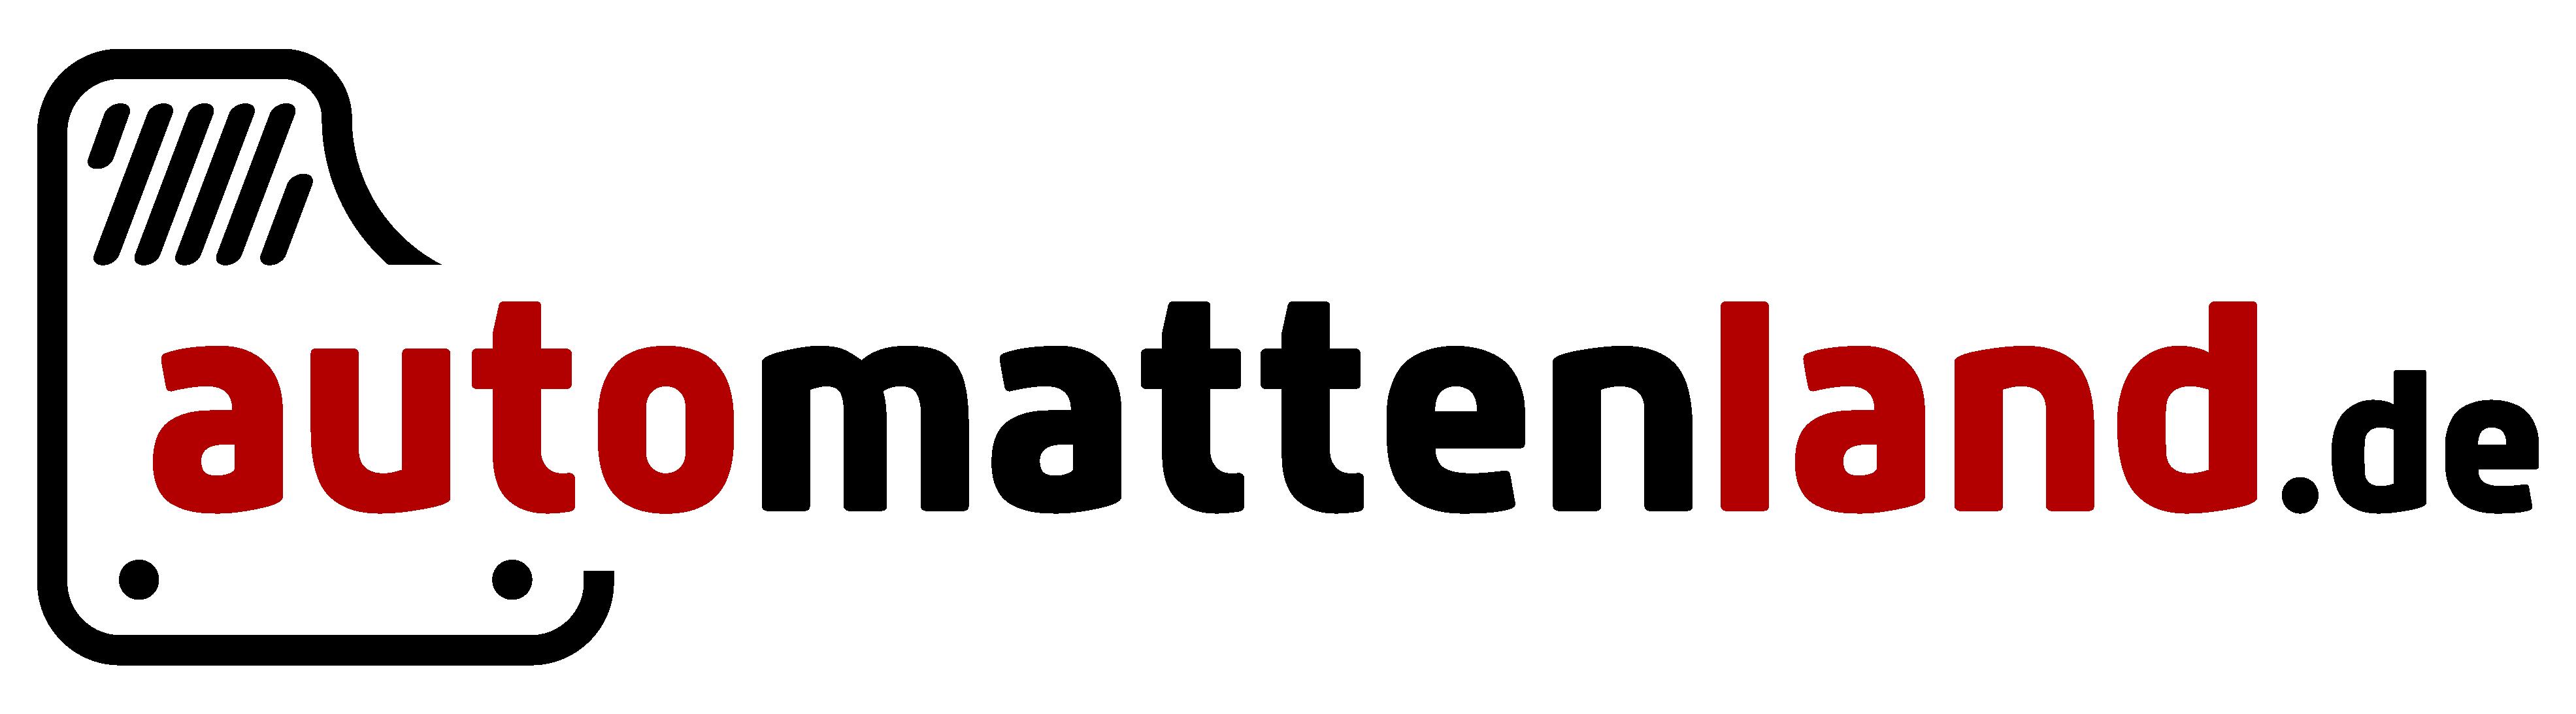 automattenland.de – Passgenaue Automatten